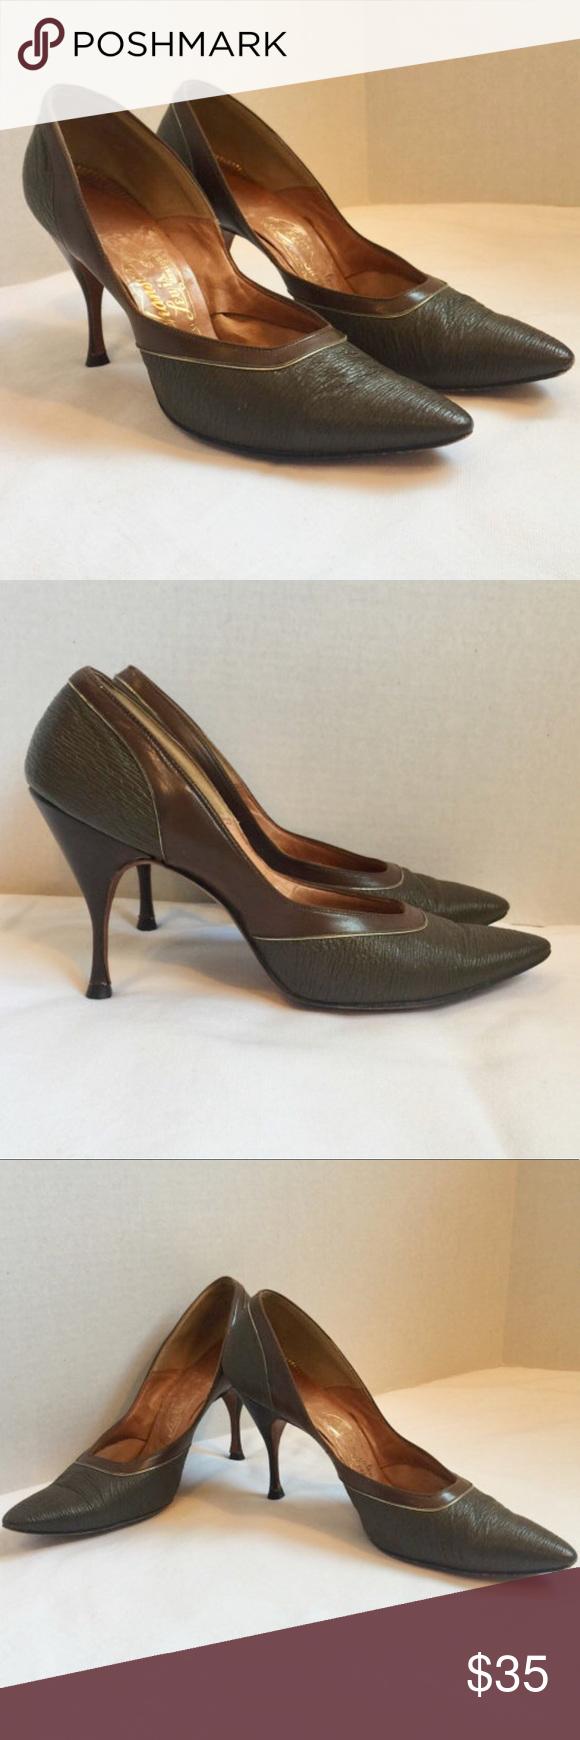 Vintage 50s Johansen Lewis Designs Two Tone Patent Heels Pumps Shoes 6.5 Narrow